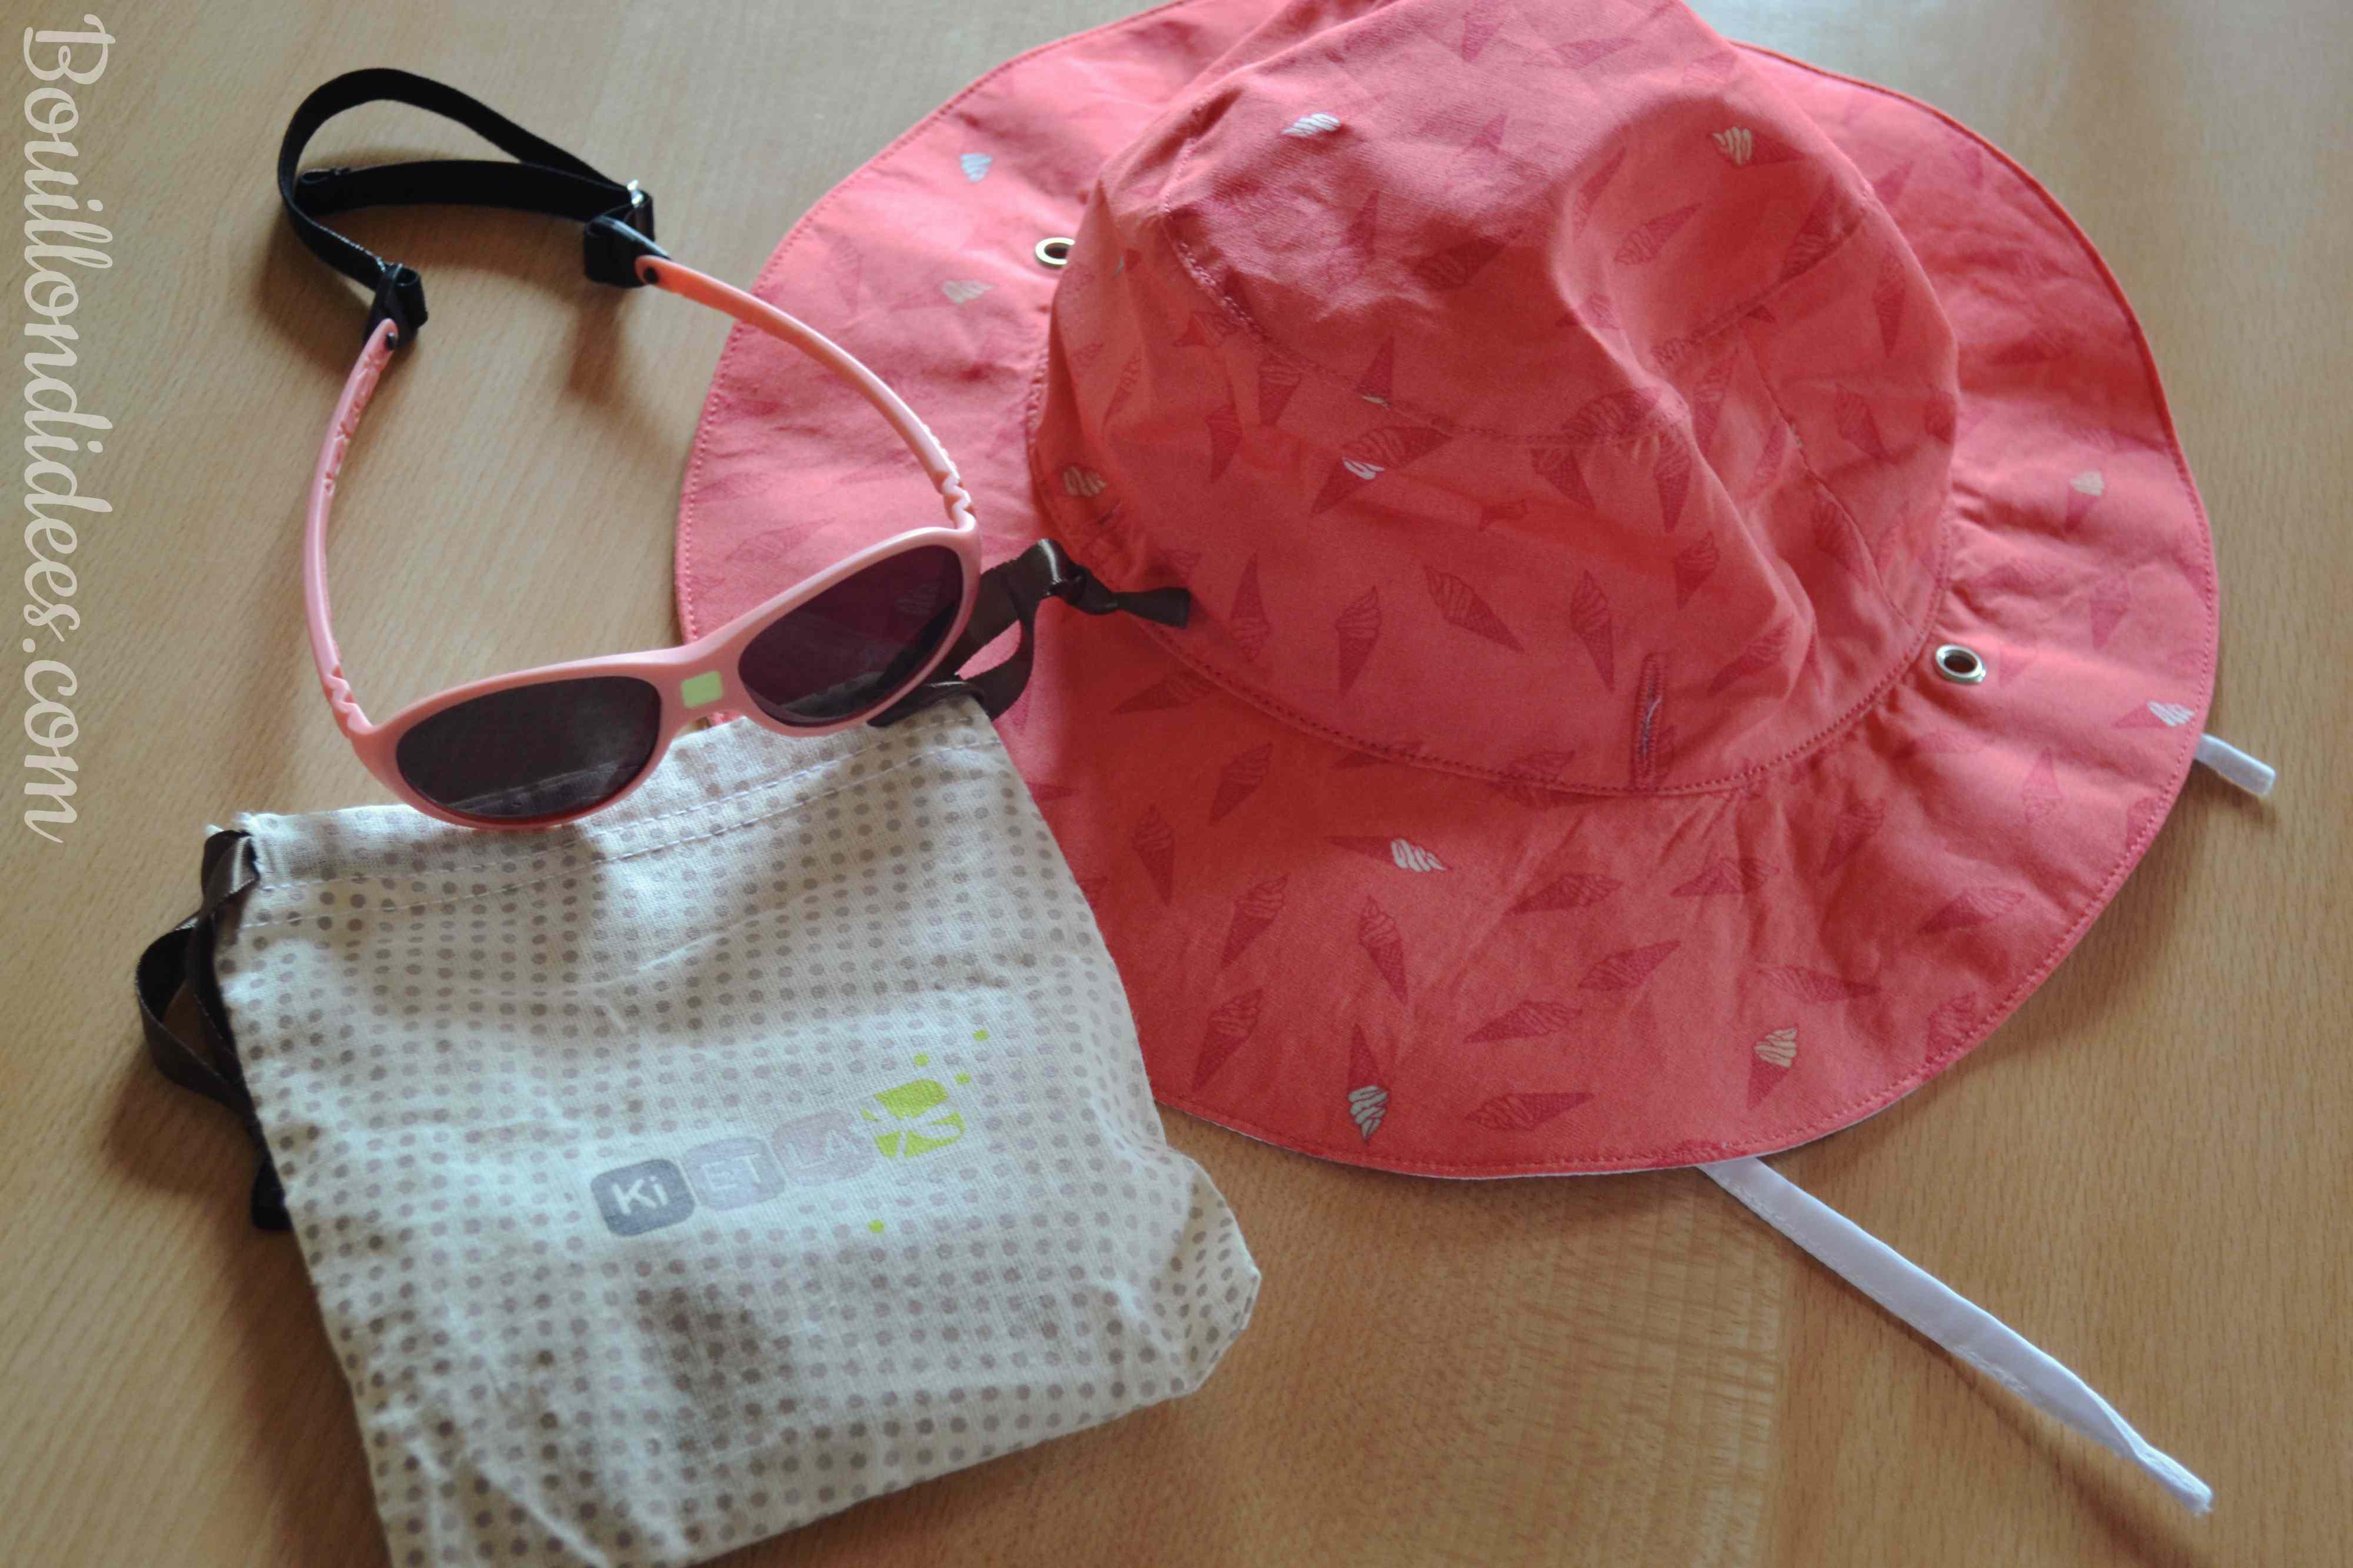 bd113db4d90c89 Profiter du soleil avec bébé chapeau Kapel Lunettes Jokaki Ki Et La  Bouillondidees ...